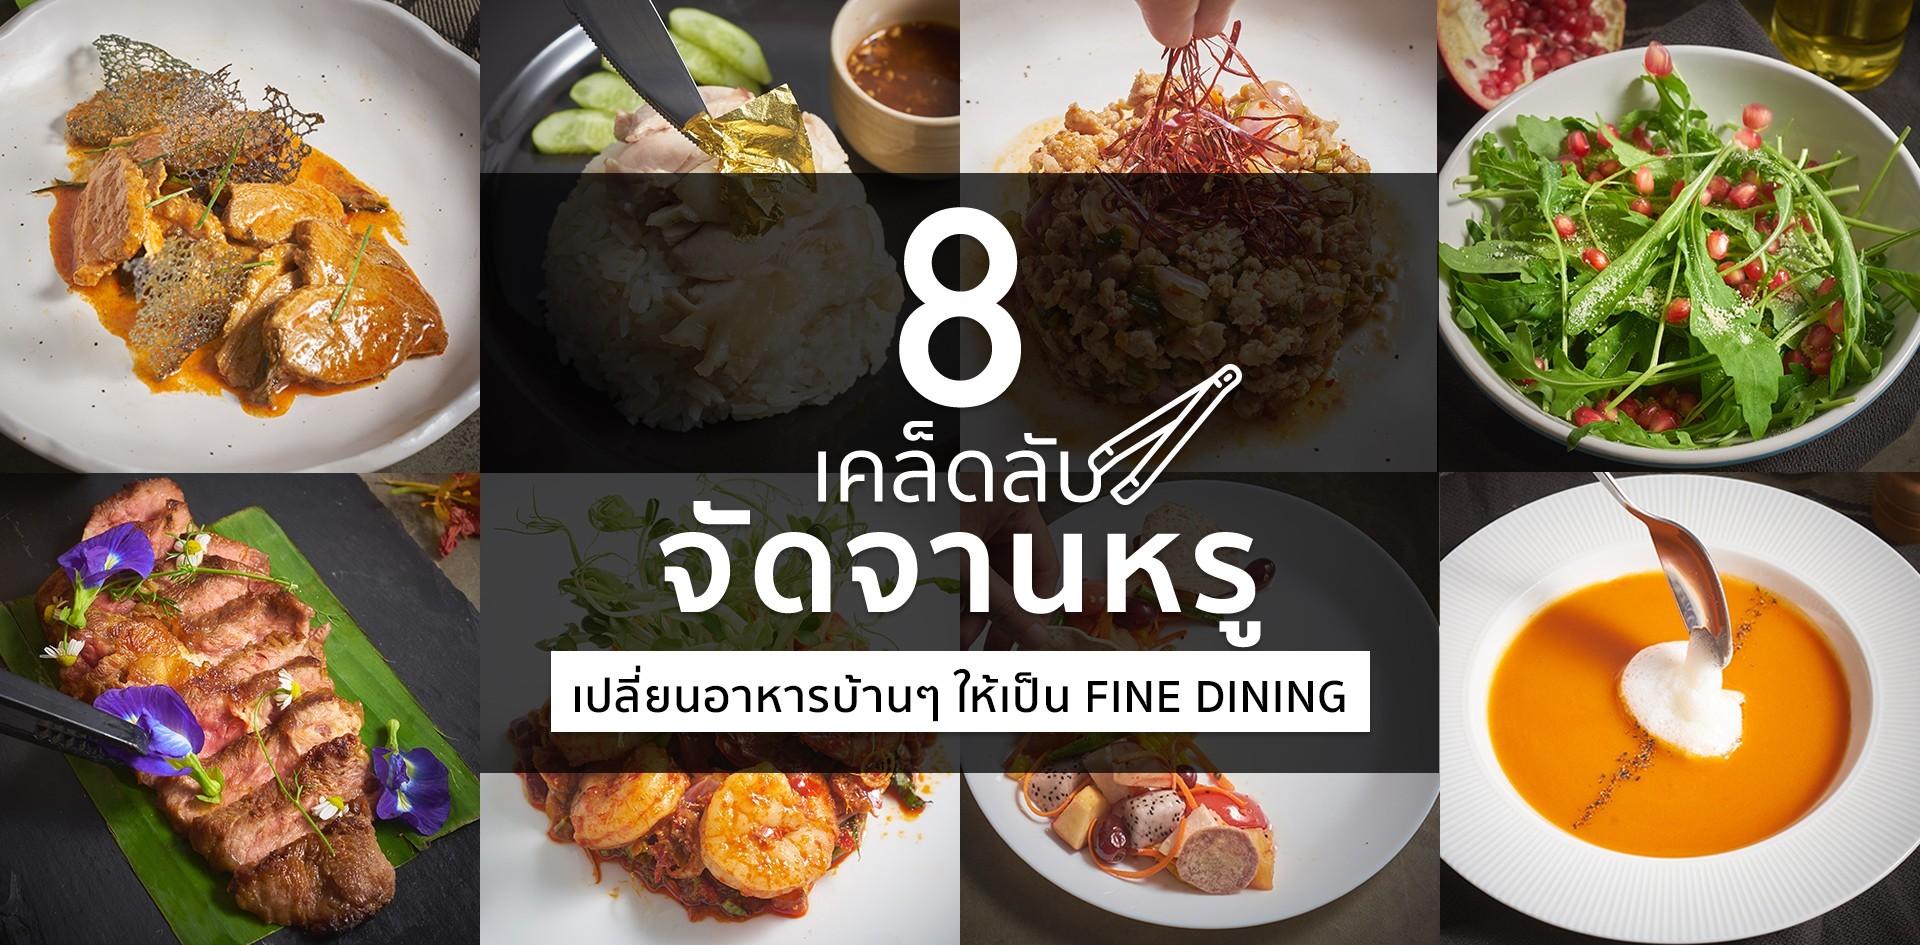 8 เคล็ดลับจัดจานให้ดูหรู เปลี่ยนอาหารบ้าน ๆ ให้เป็น Fine dining